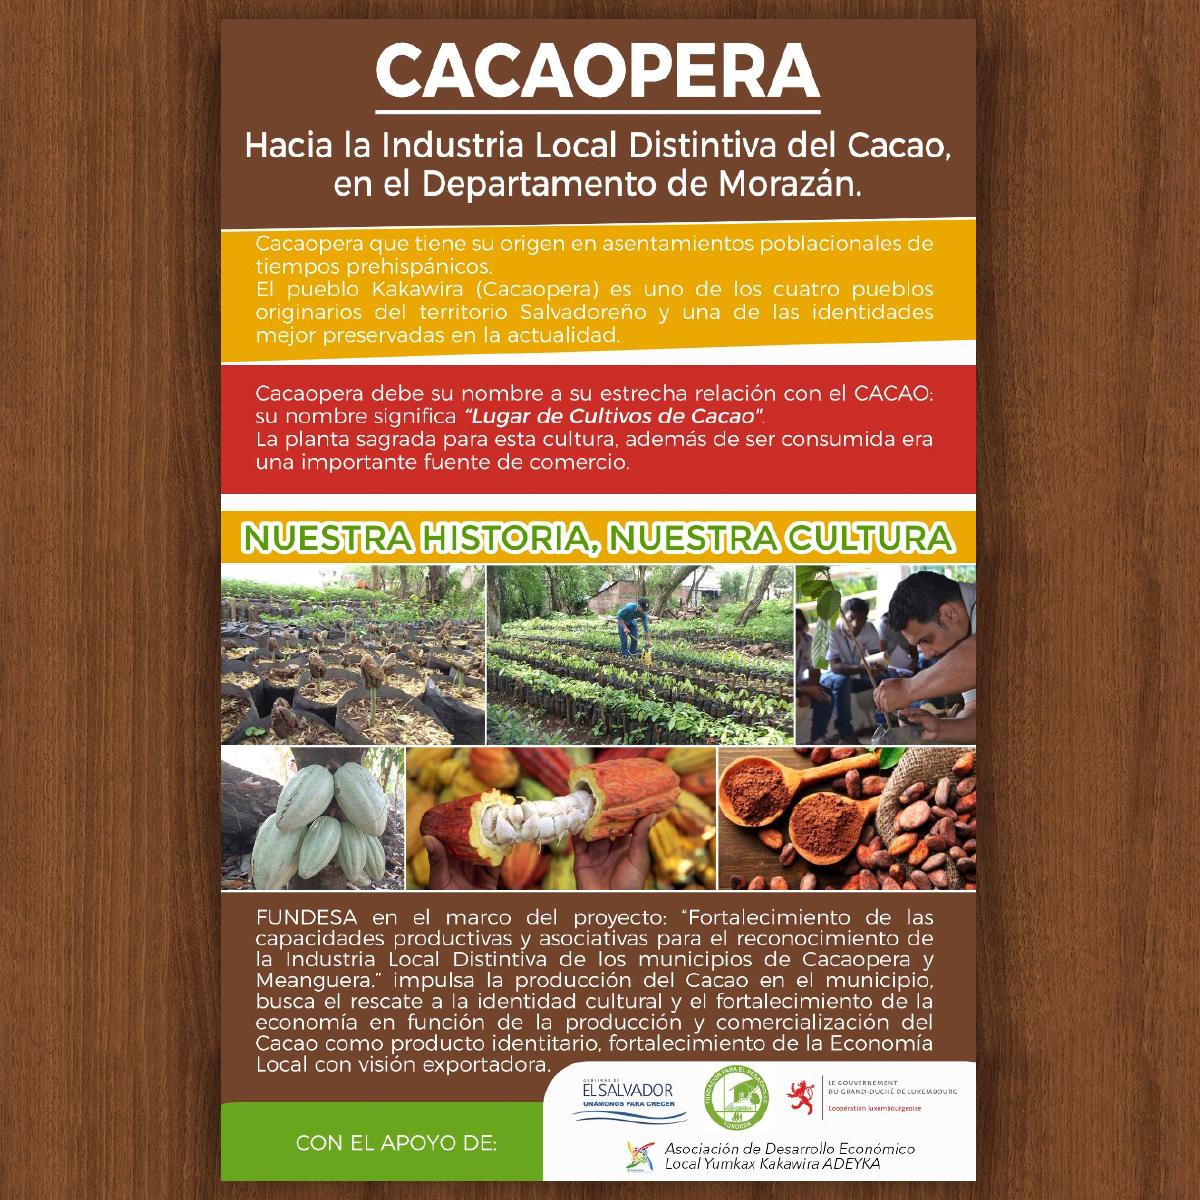 CACAOPERA HACIA LA INDUSTRIA LOCAL DISTINTIVA DEL CACAO, EN EL DEPARTAMENTO DE MORAZÁN